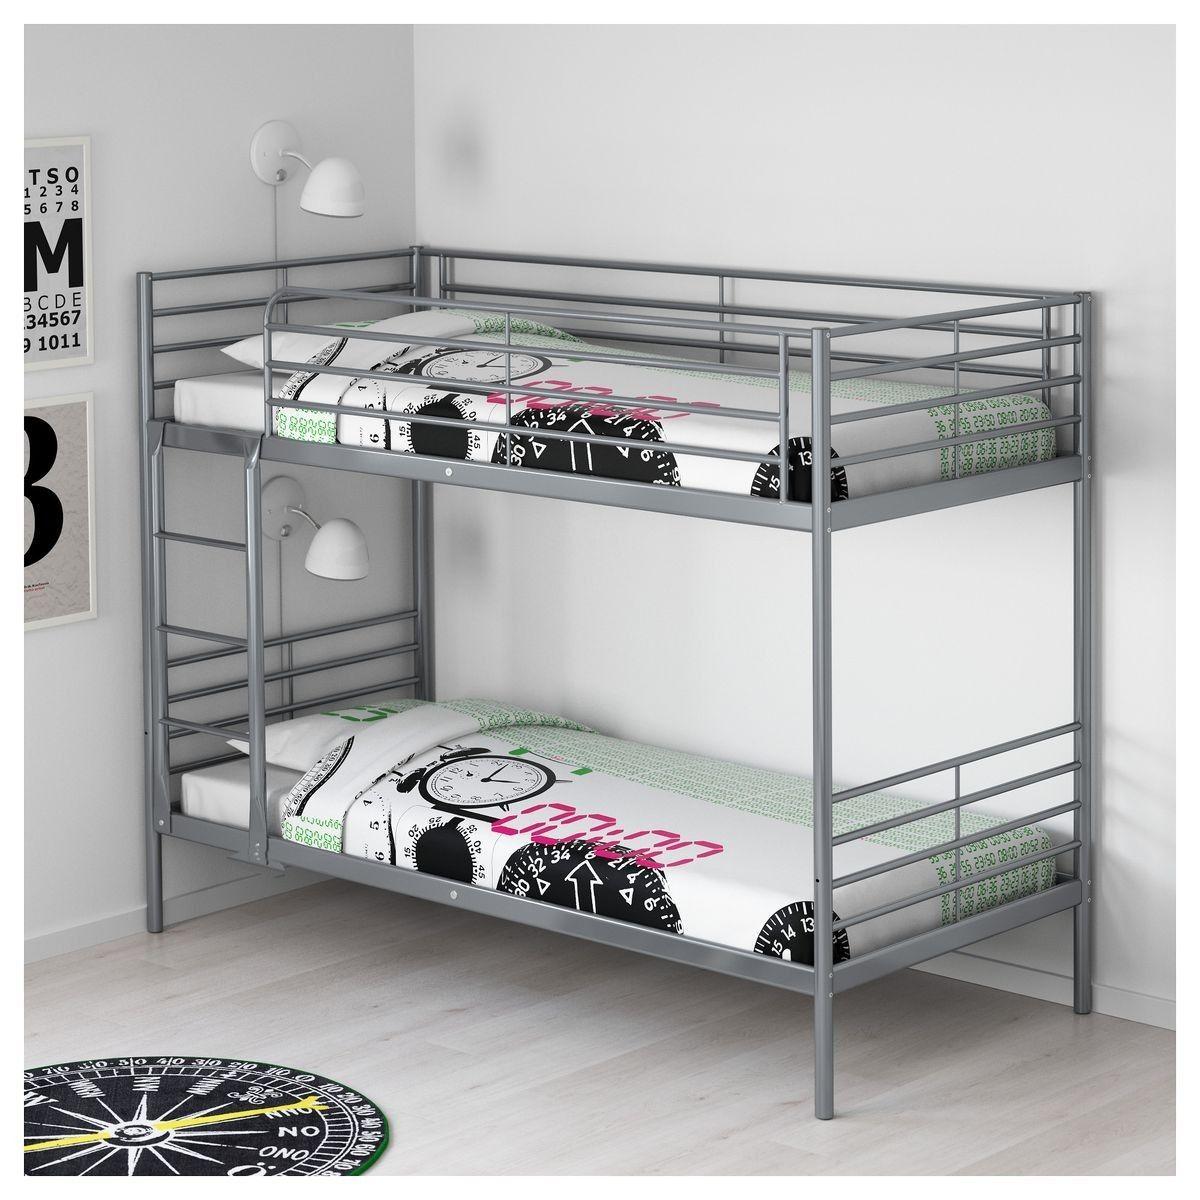 Yatak Model Ranzalar Mobilya Fikirleri Katlanir Yataklar